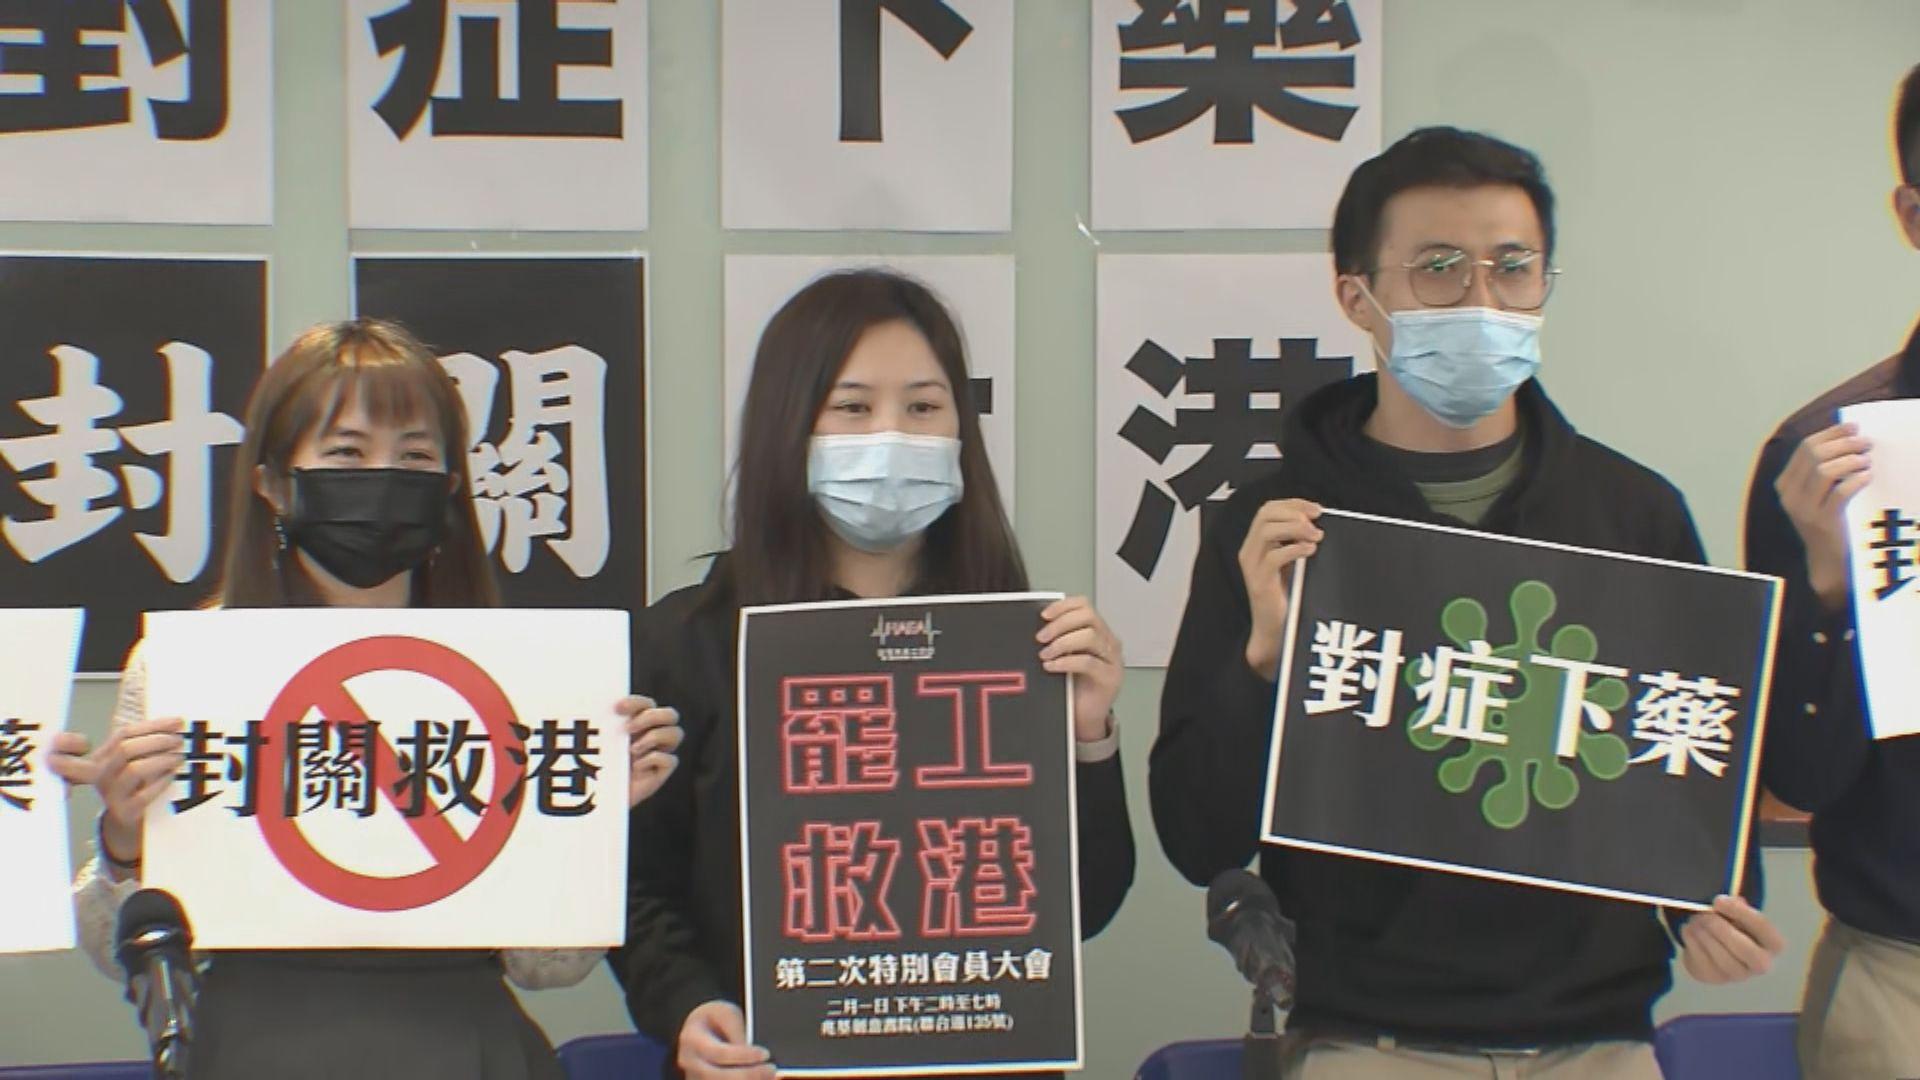 醫管局員工陣線稱約6700員工承諾參與罷工